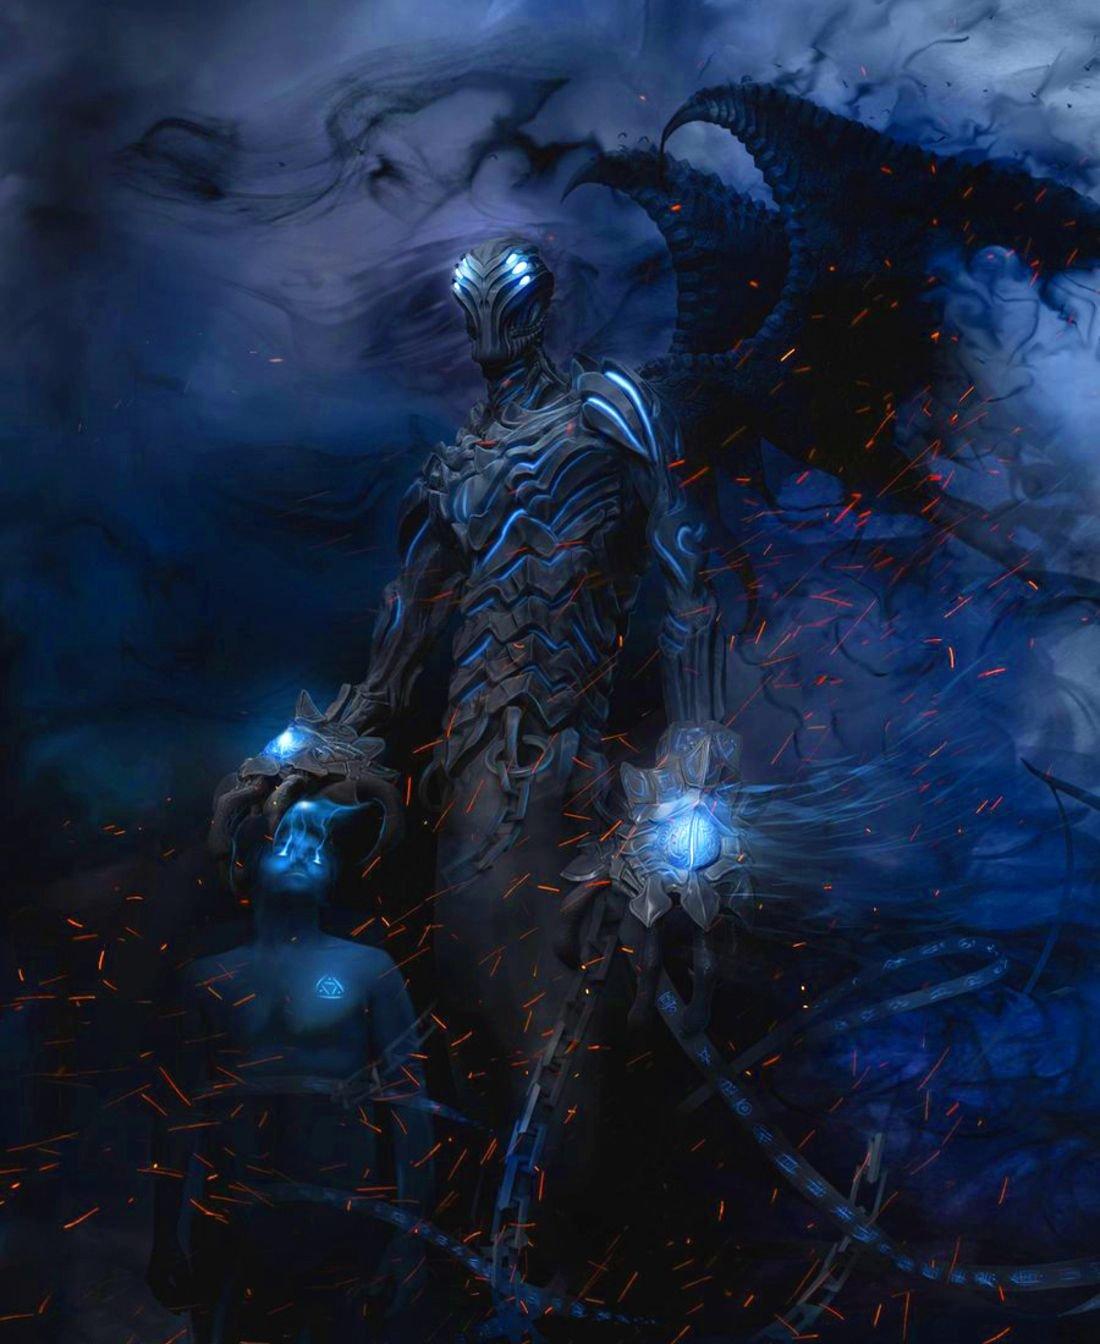 Картинки бог тьмы